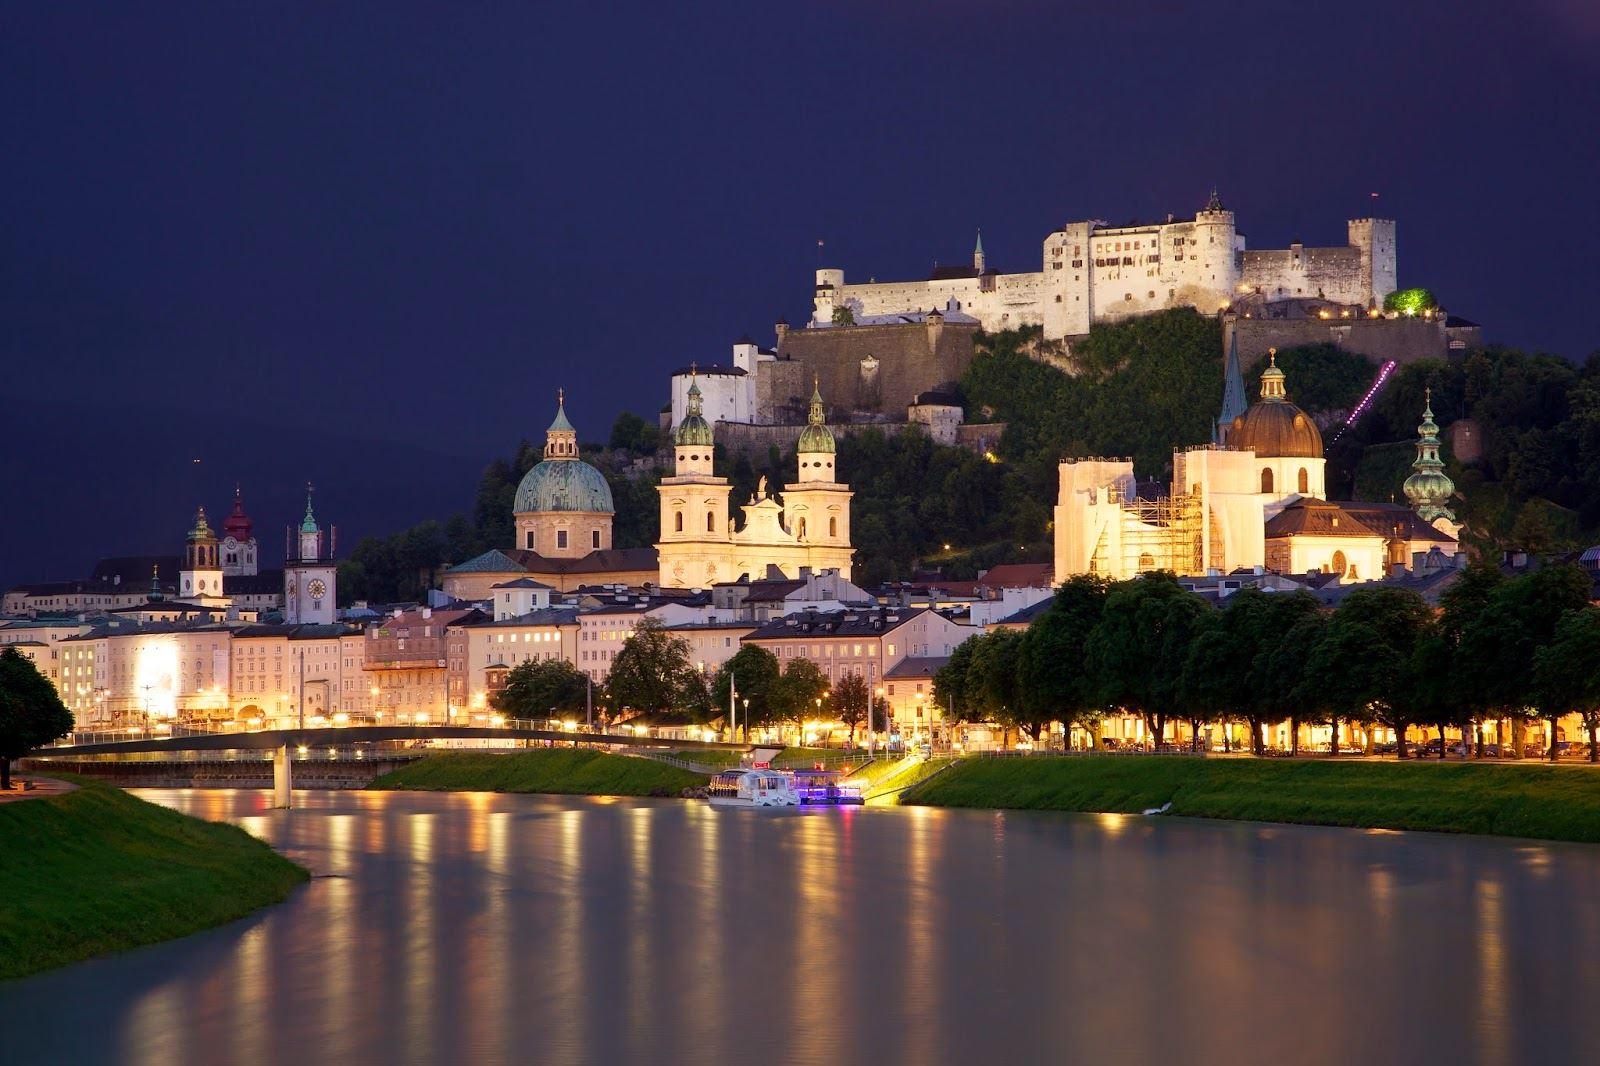 ثلاث أيام سياحة سالزبورج النمسا Salzbur1.jpg